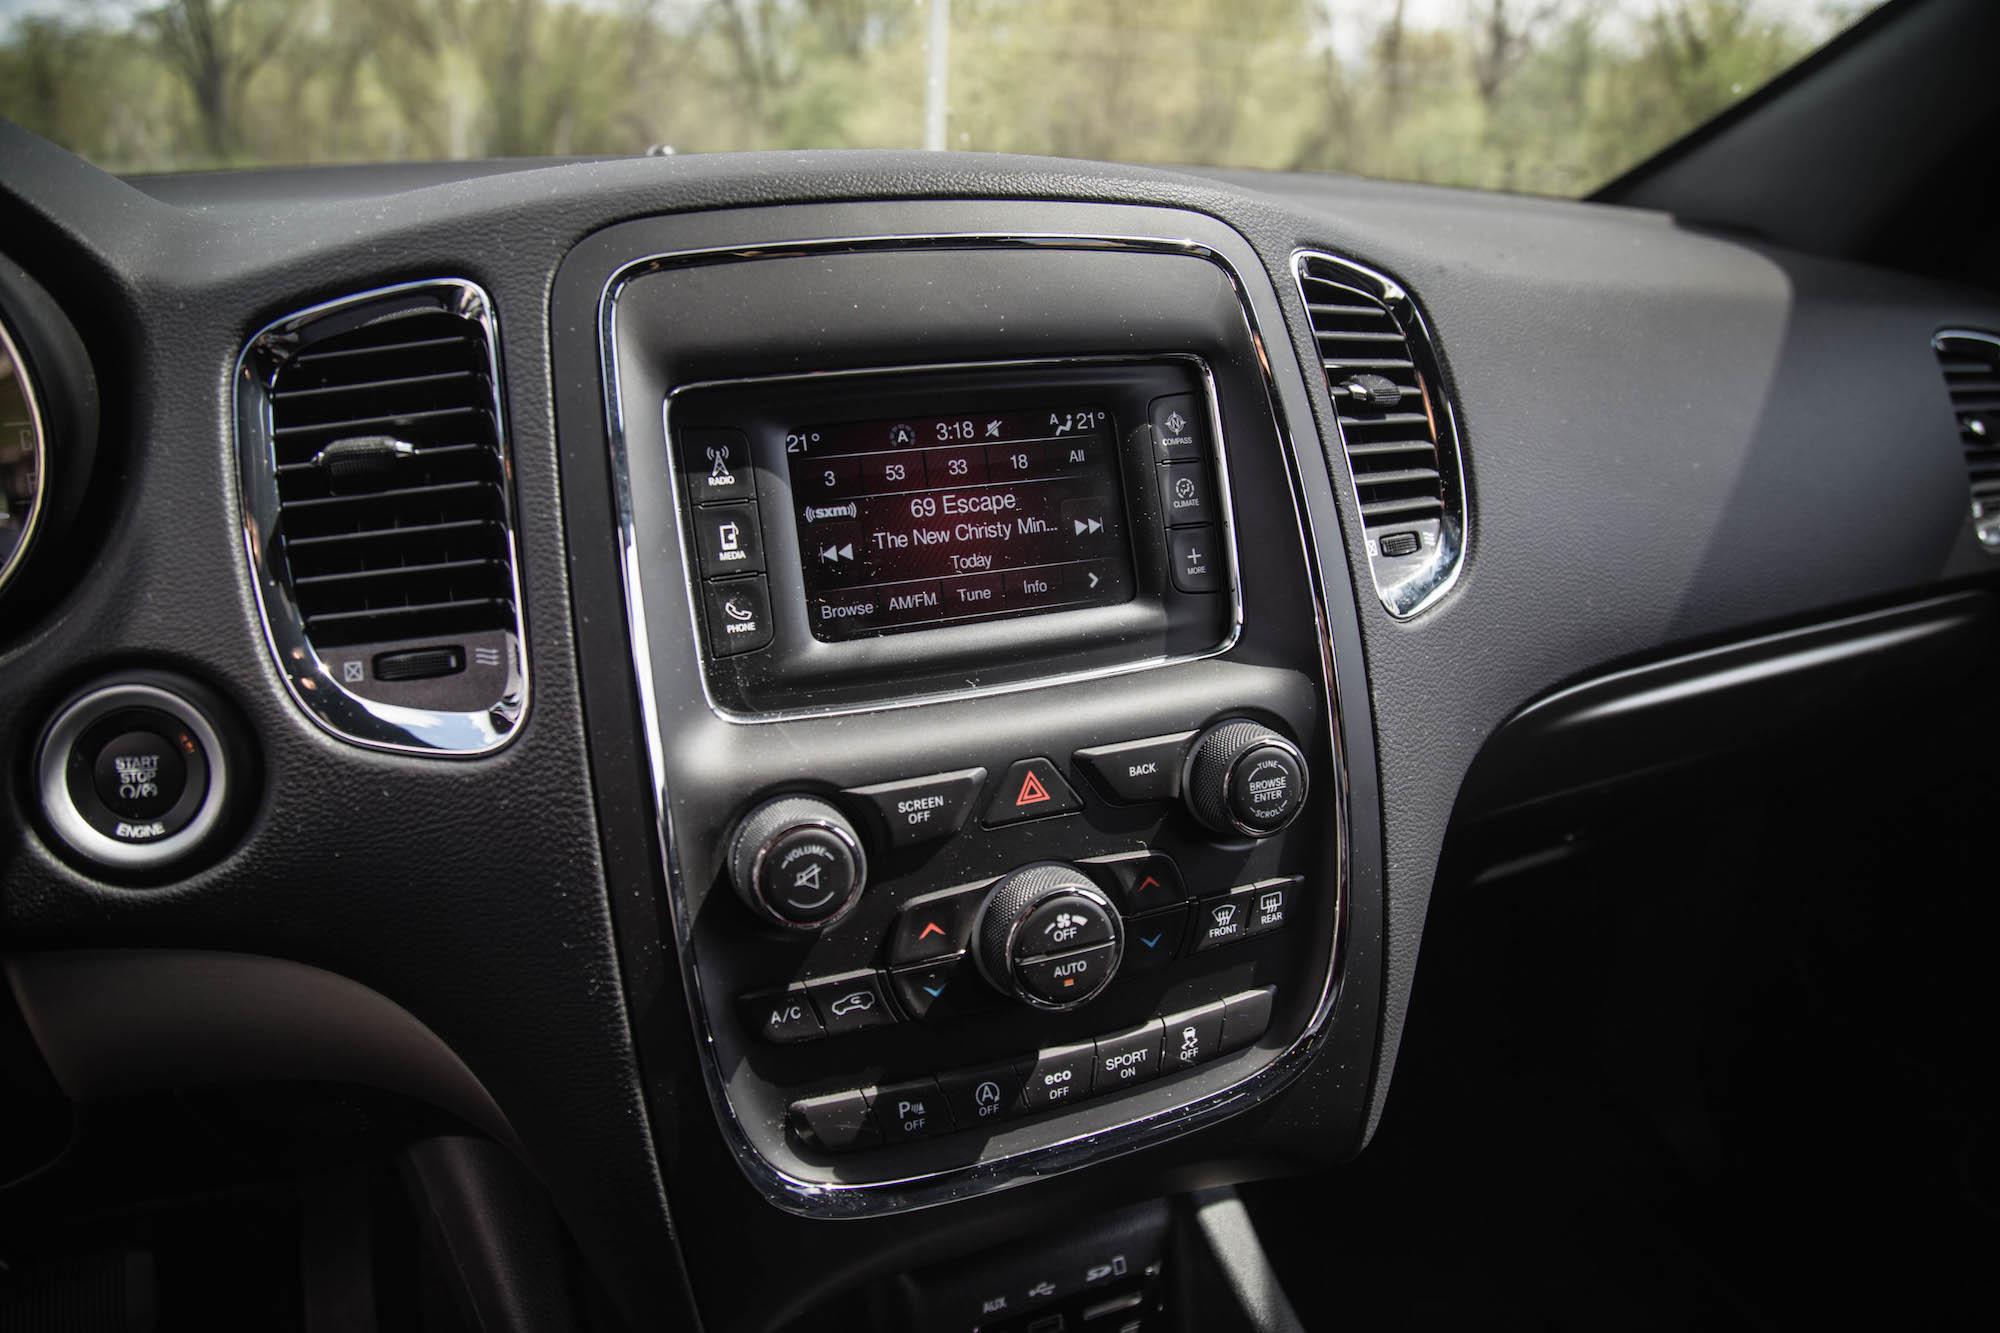 3.6 L Vvt >> Review: 2016 Dodge Durango SXT AWD   Canadian Auto Review